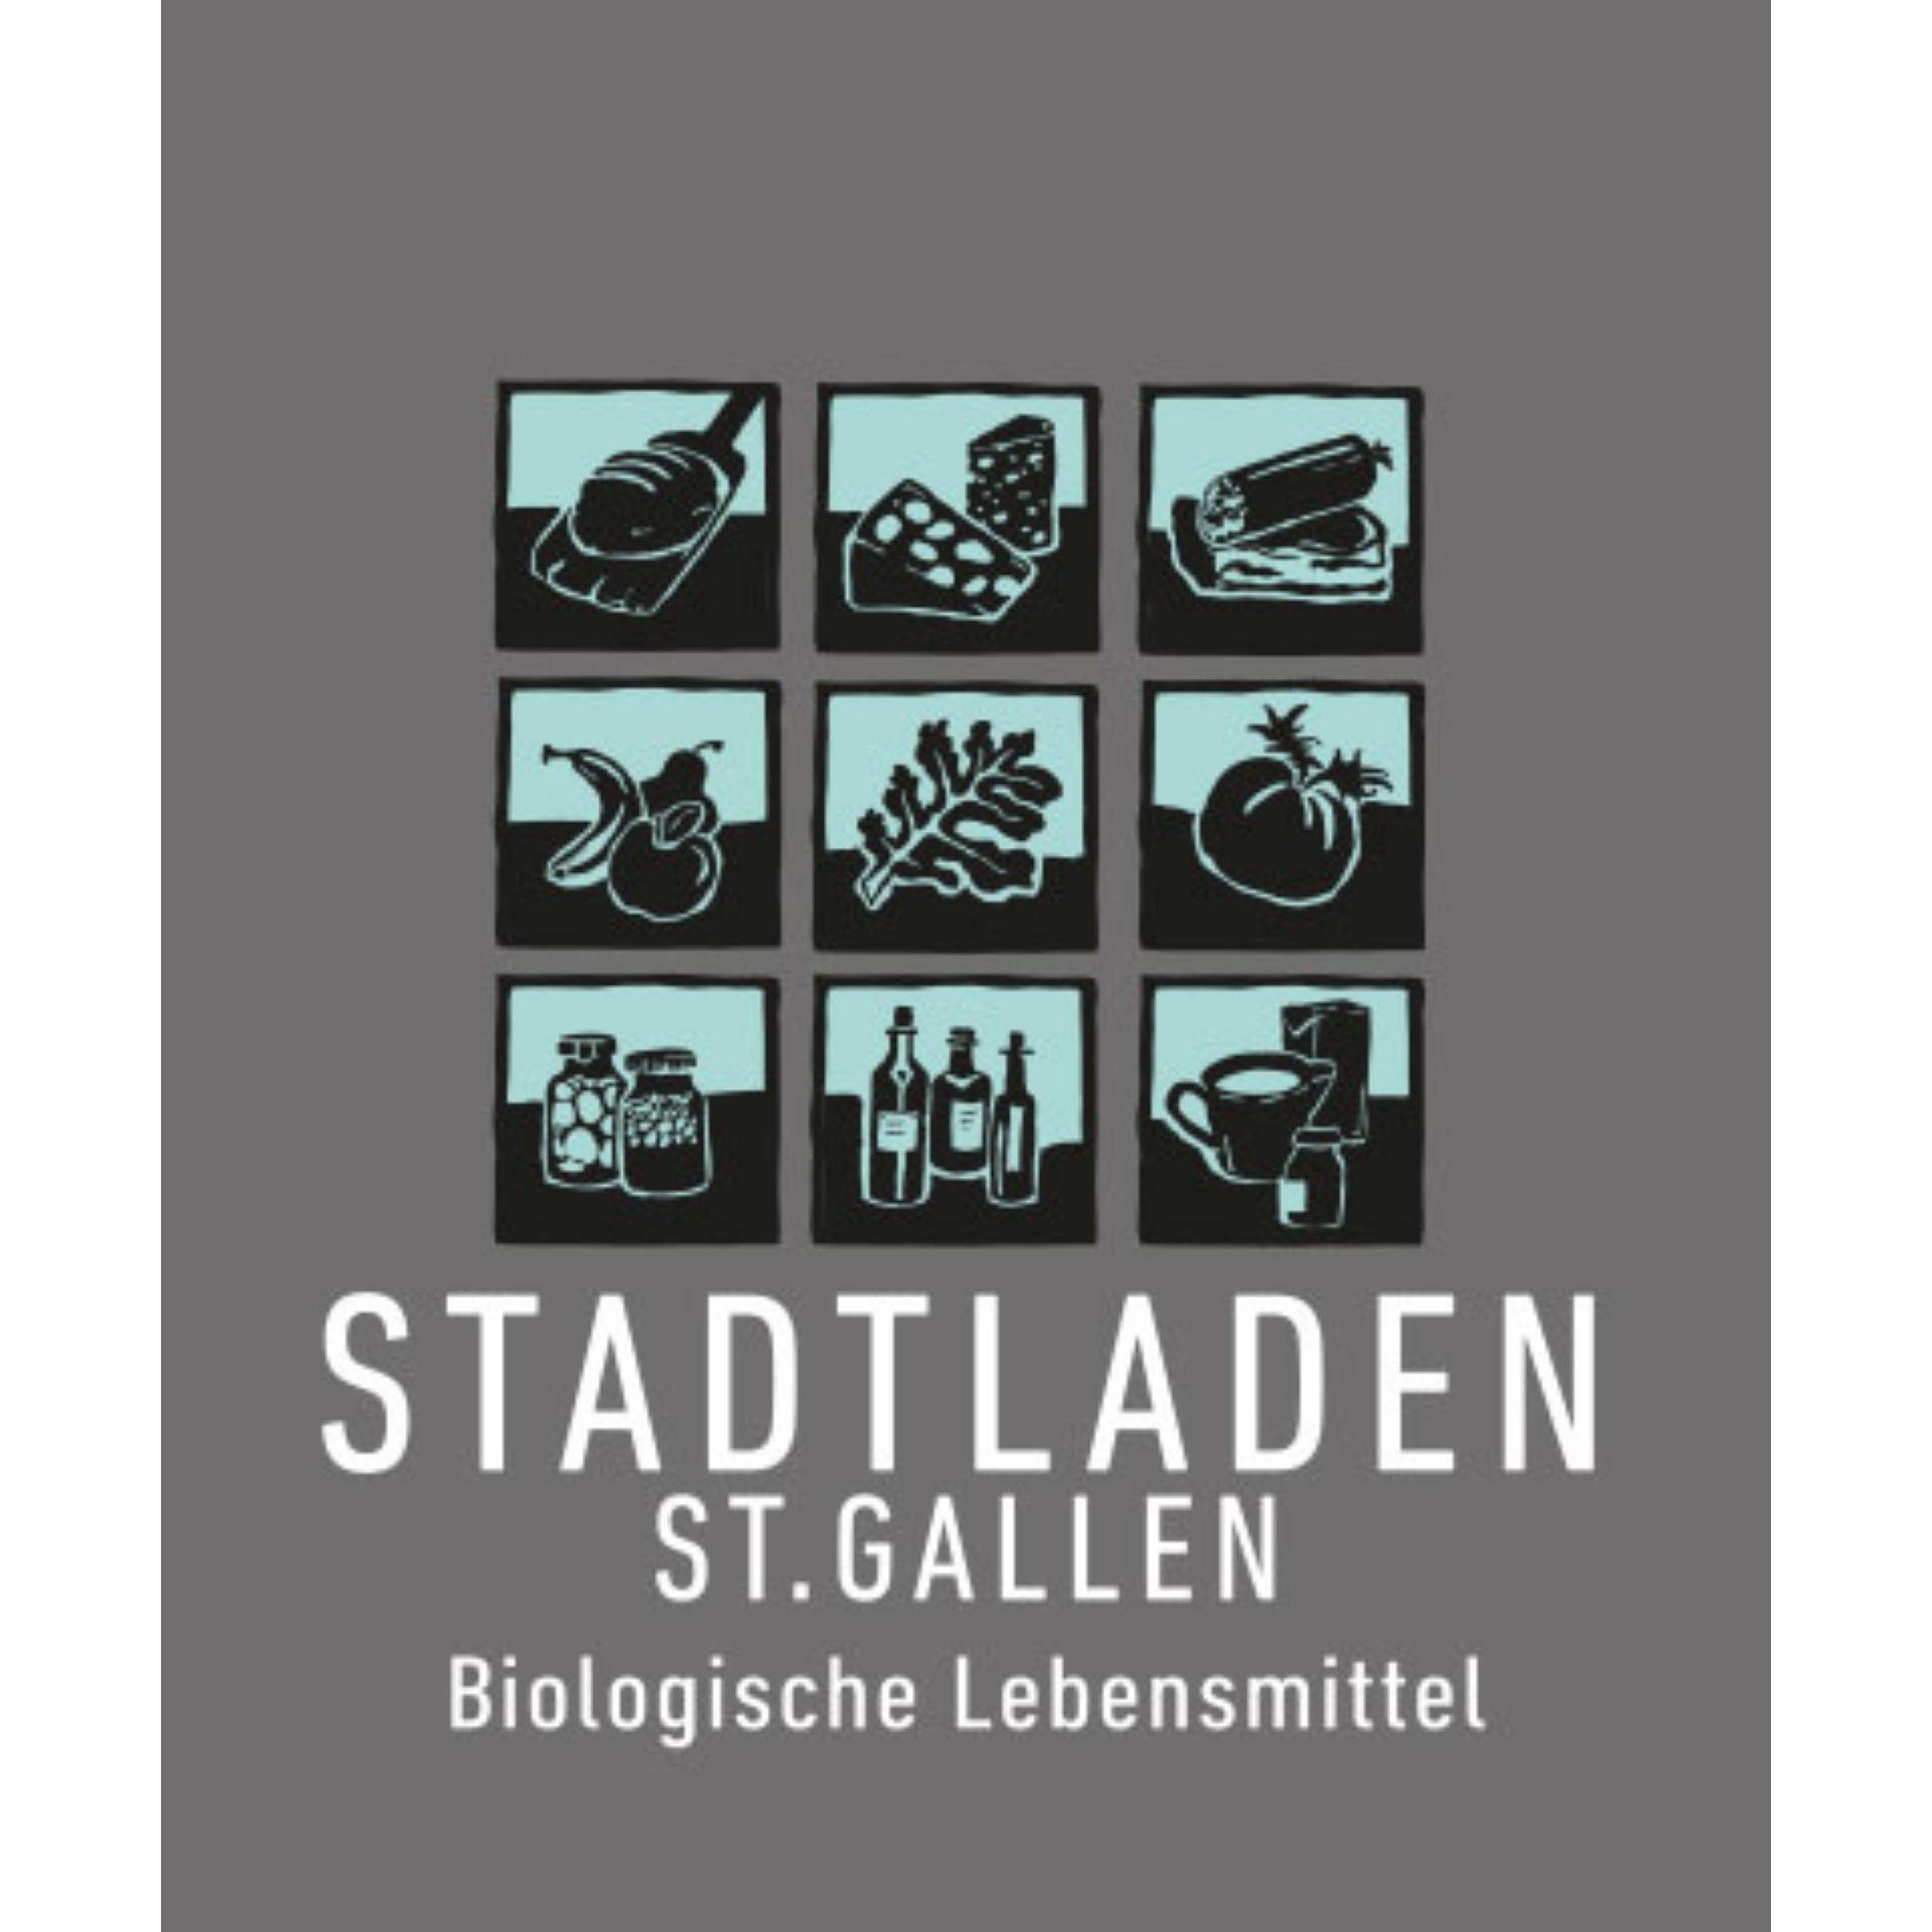 Stadtladen St. Gallen